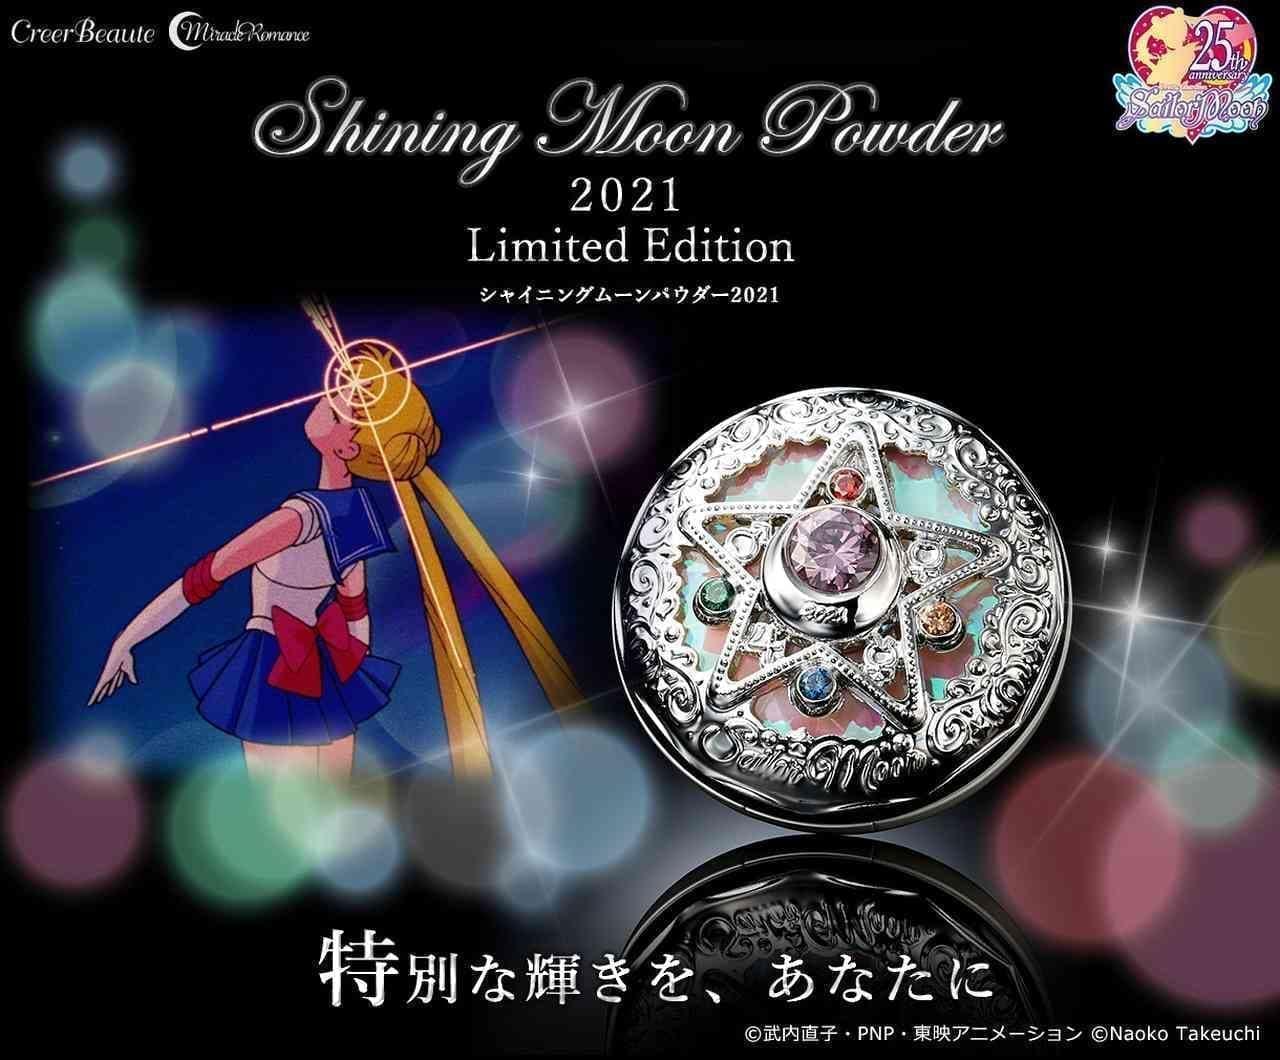 ミラクルロマンス シャイニングムーンパウダー 2021 Limited Edition